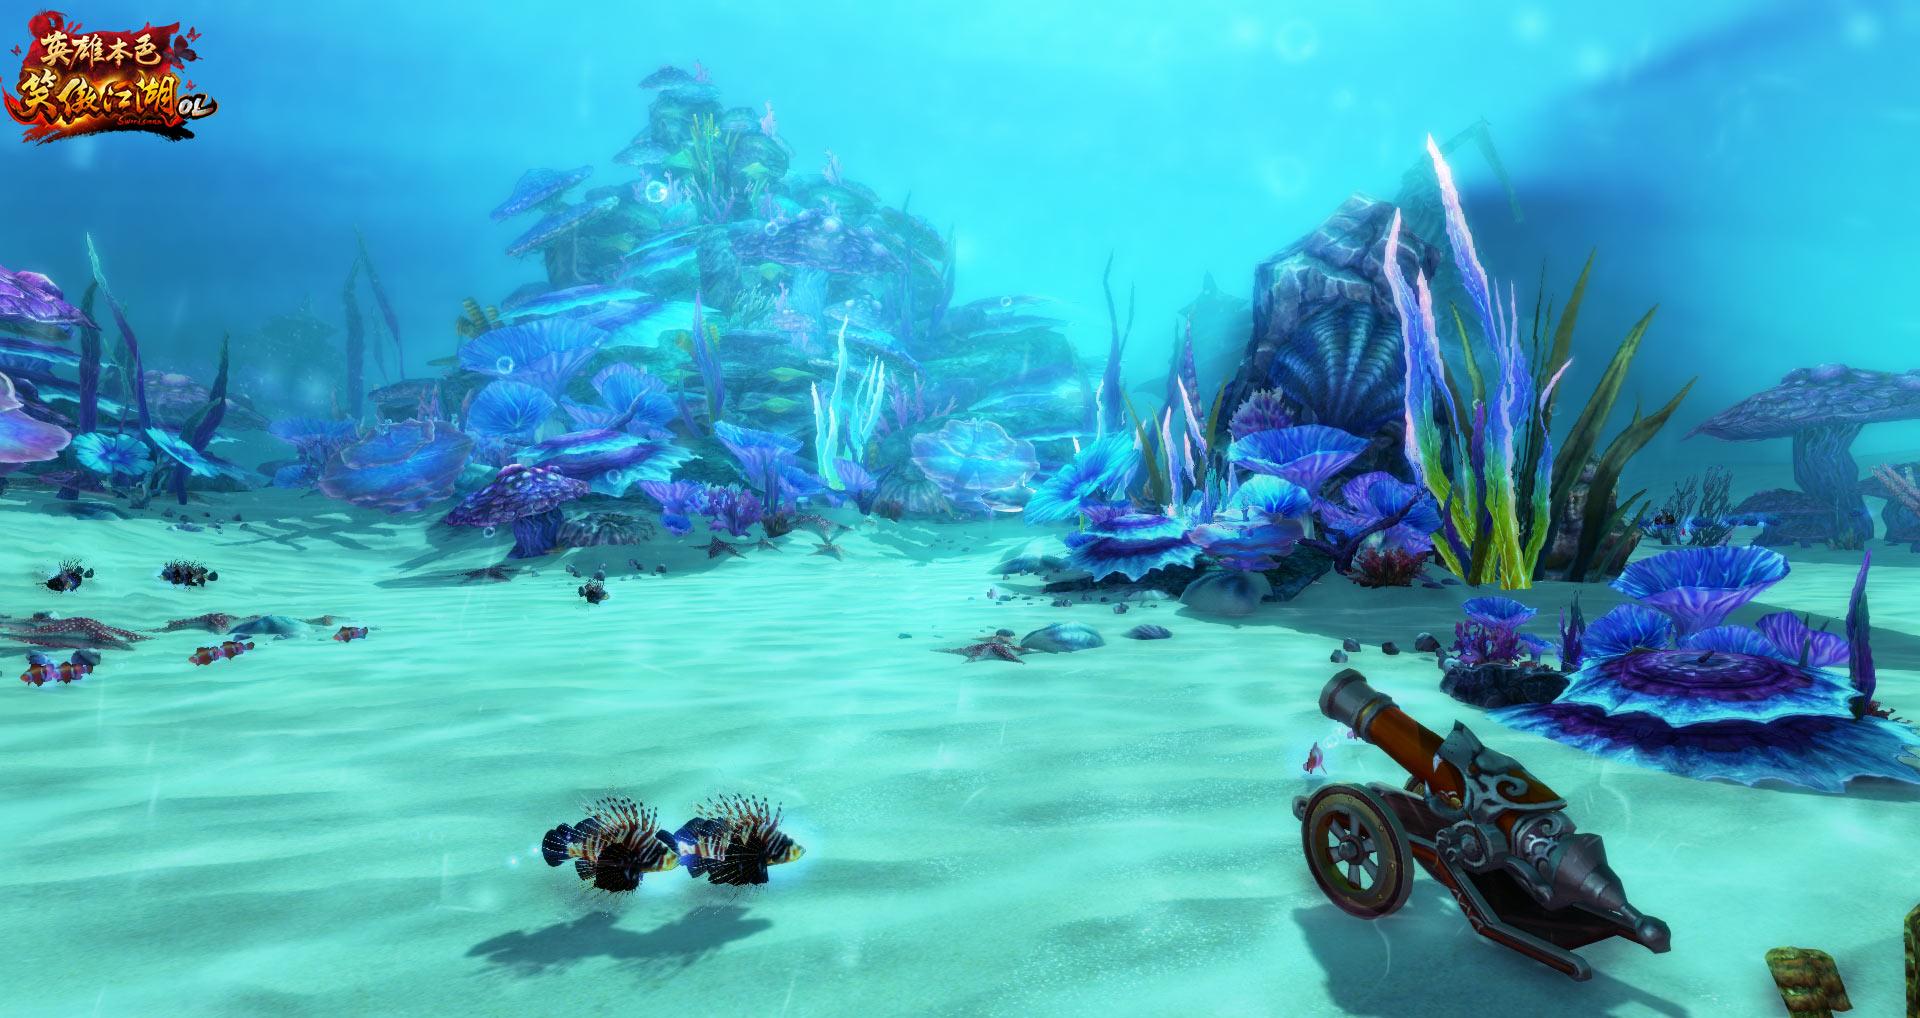 图片: 图10-海底夺宝.jpg